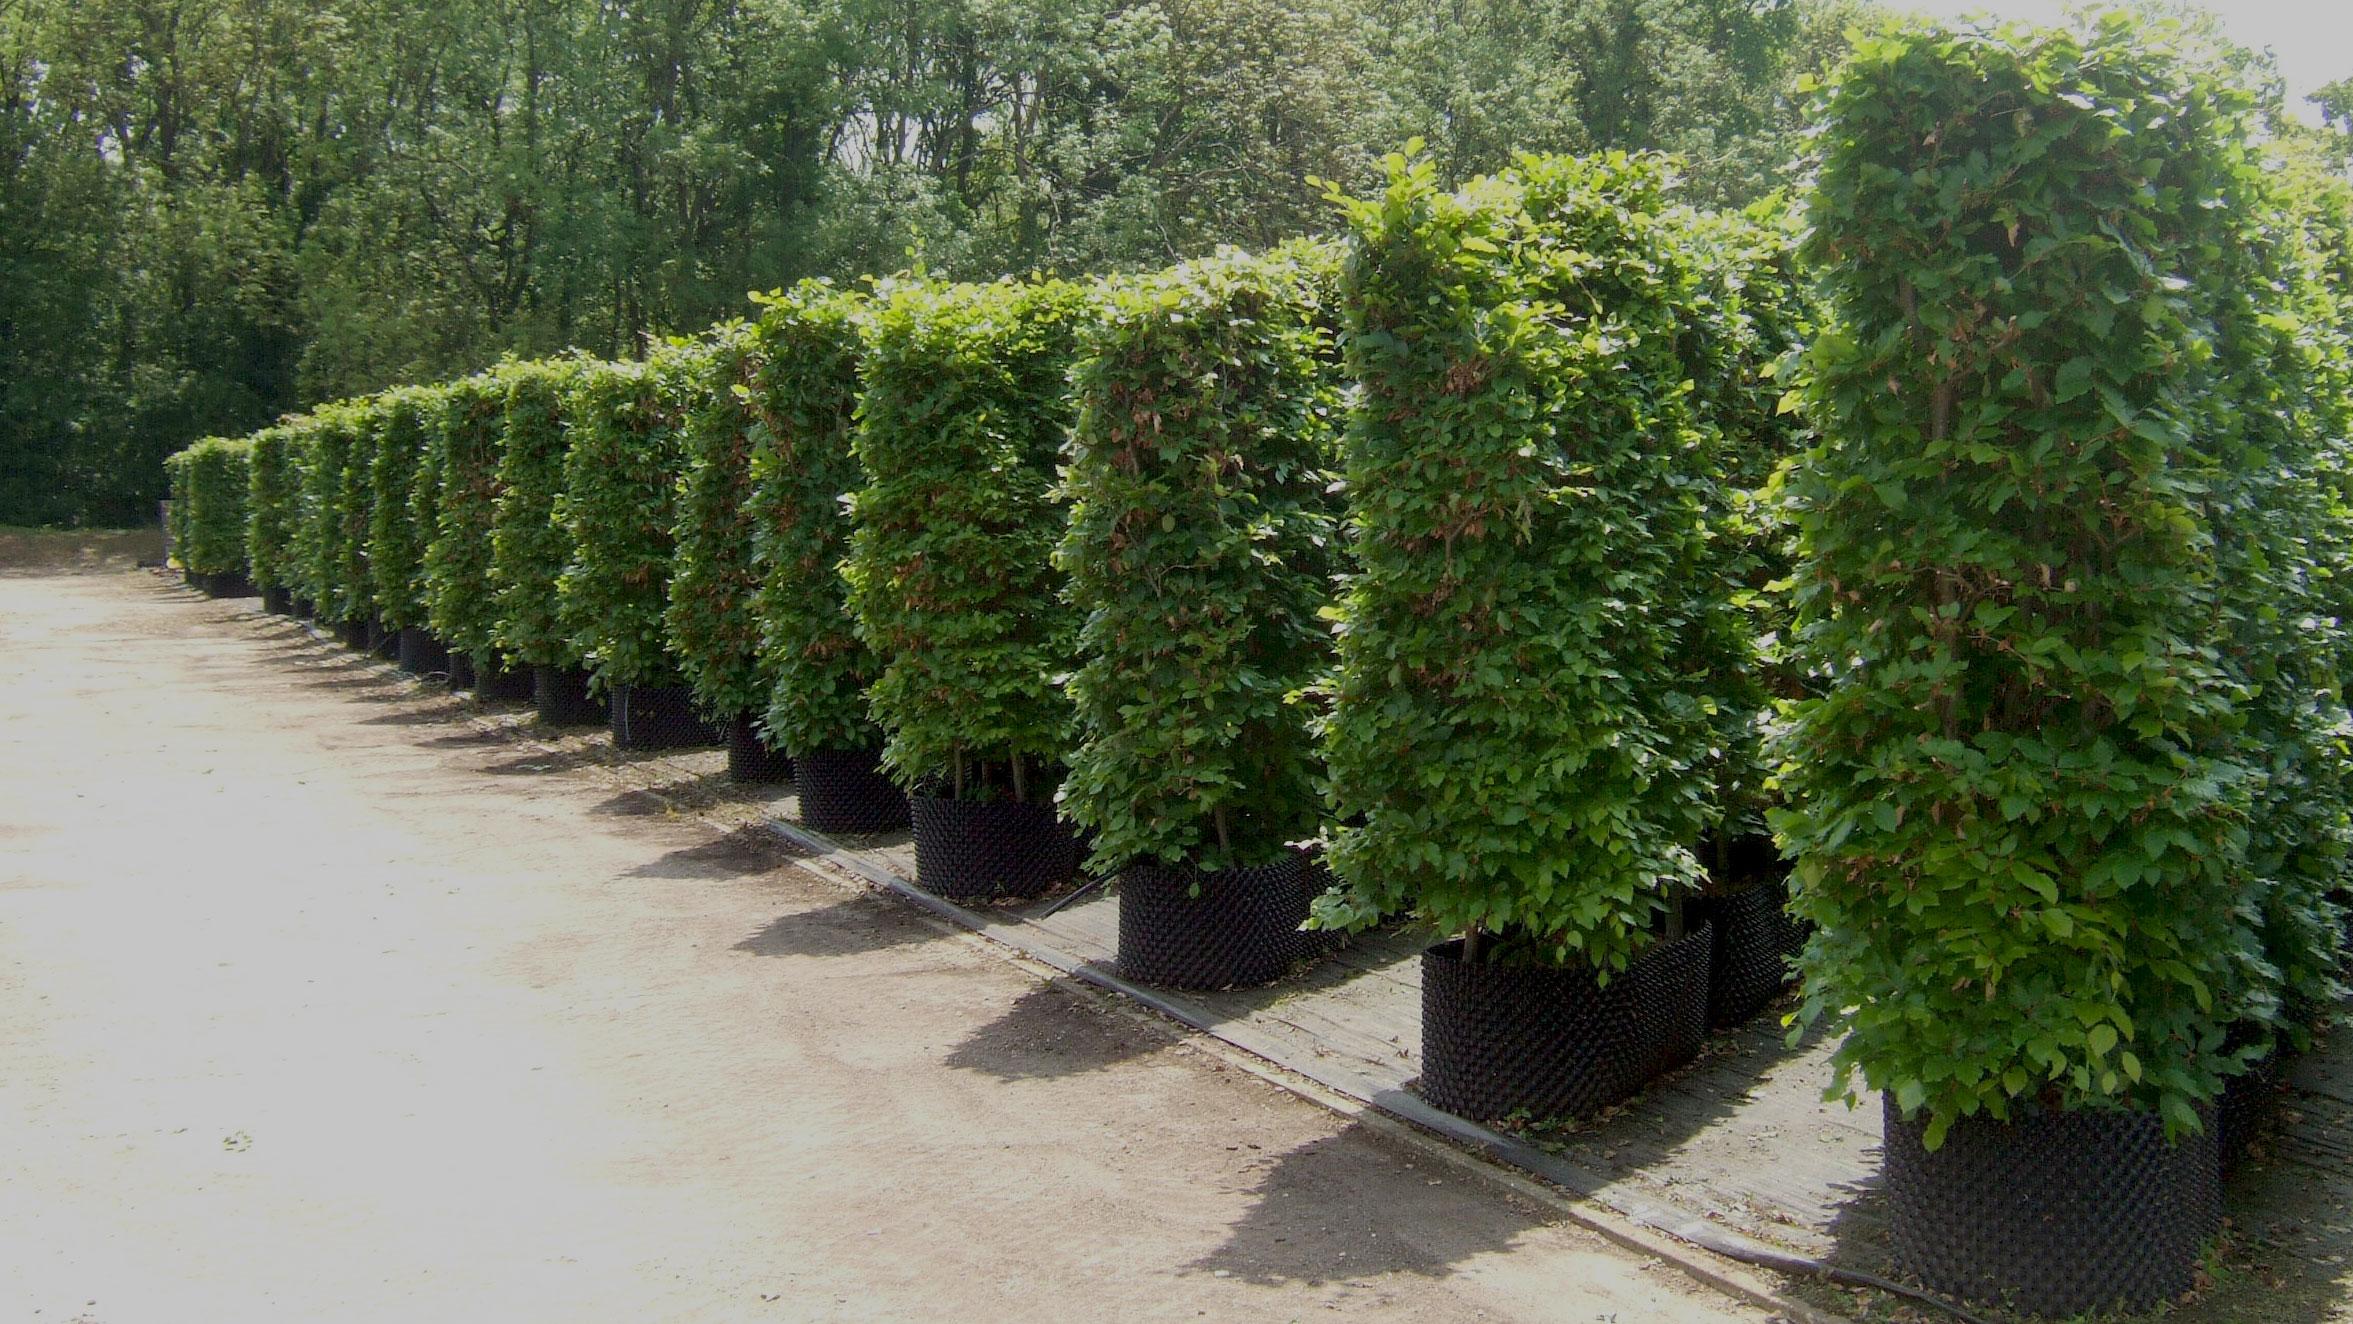 hampshire-hedges-beech-summer-01.jpg